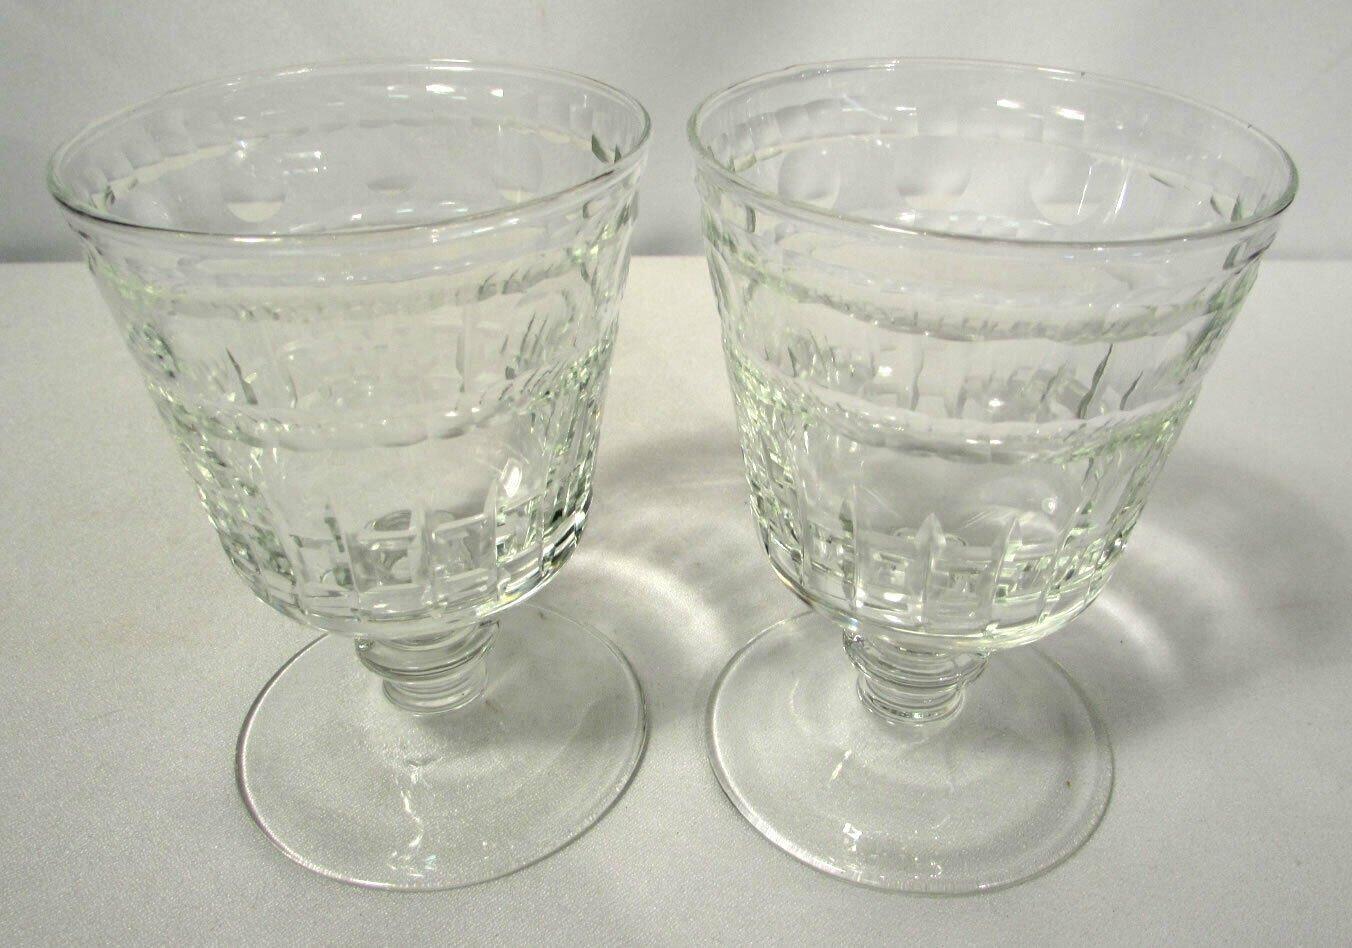 Vintage Crystal Stemware Goblets Desserts Set of Two 5 Ounces